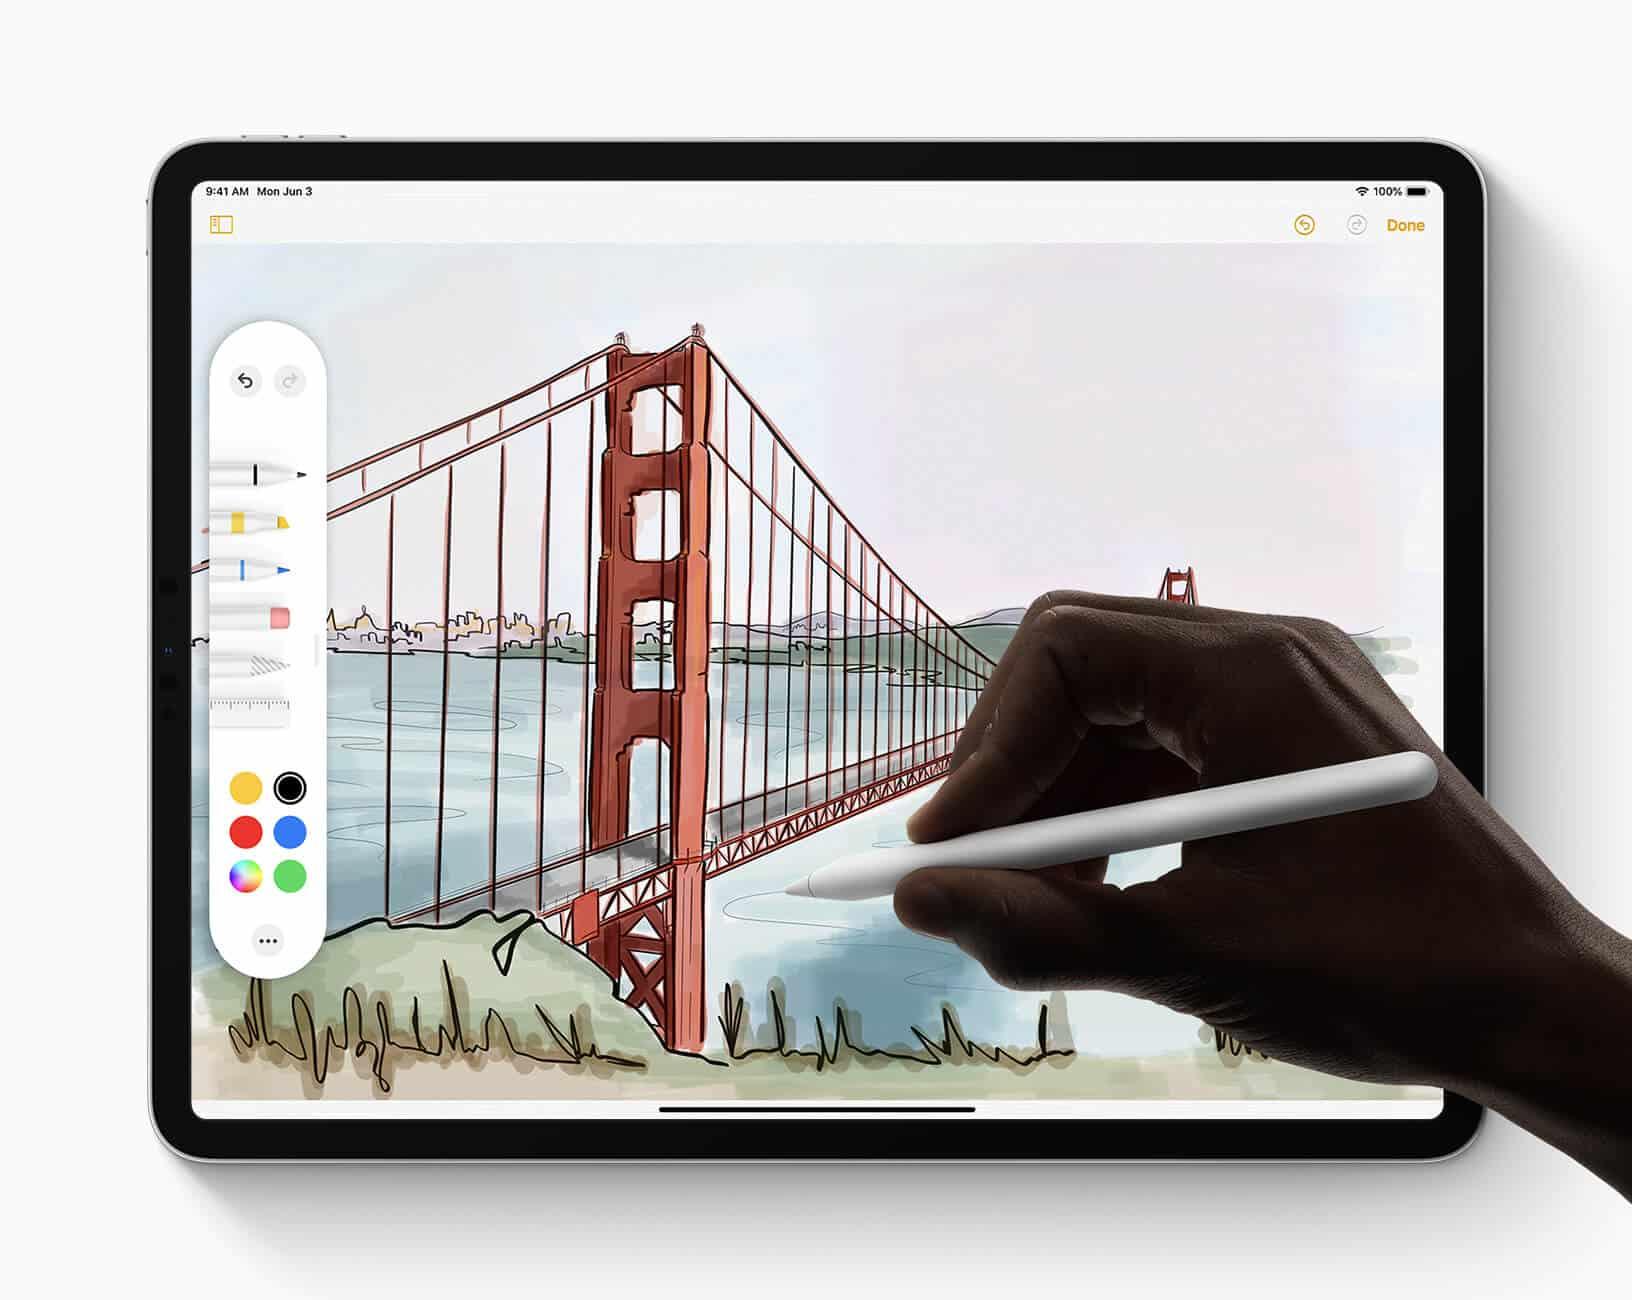 Mein geklautes MacBook 2/4: Das iPad als einziger Computer